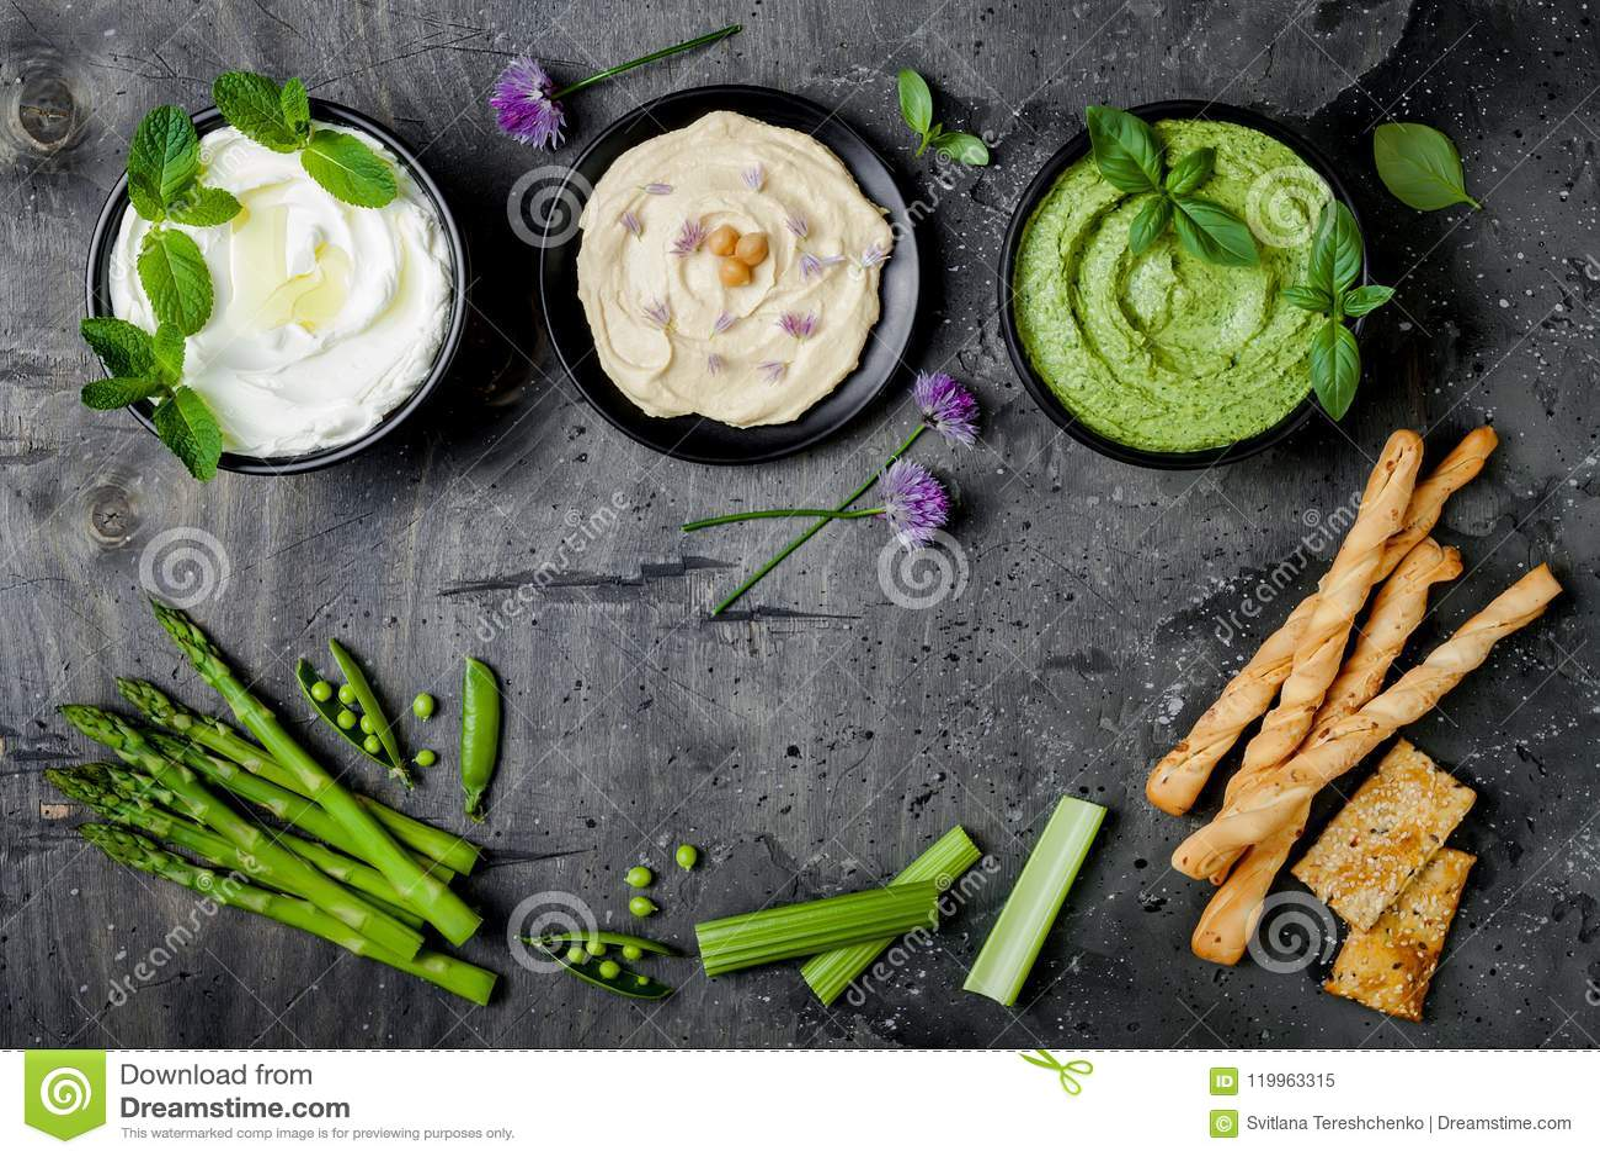 Rohes Snackbrett des grünen Gemüses mit verschiedenen Bädern Jogurtsoße oder labneh, hummus, Kraut hummus oder Pesto mit Crackern